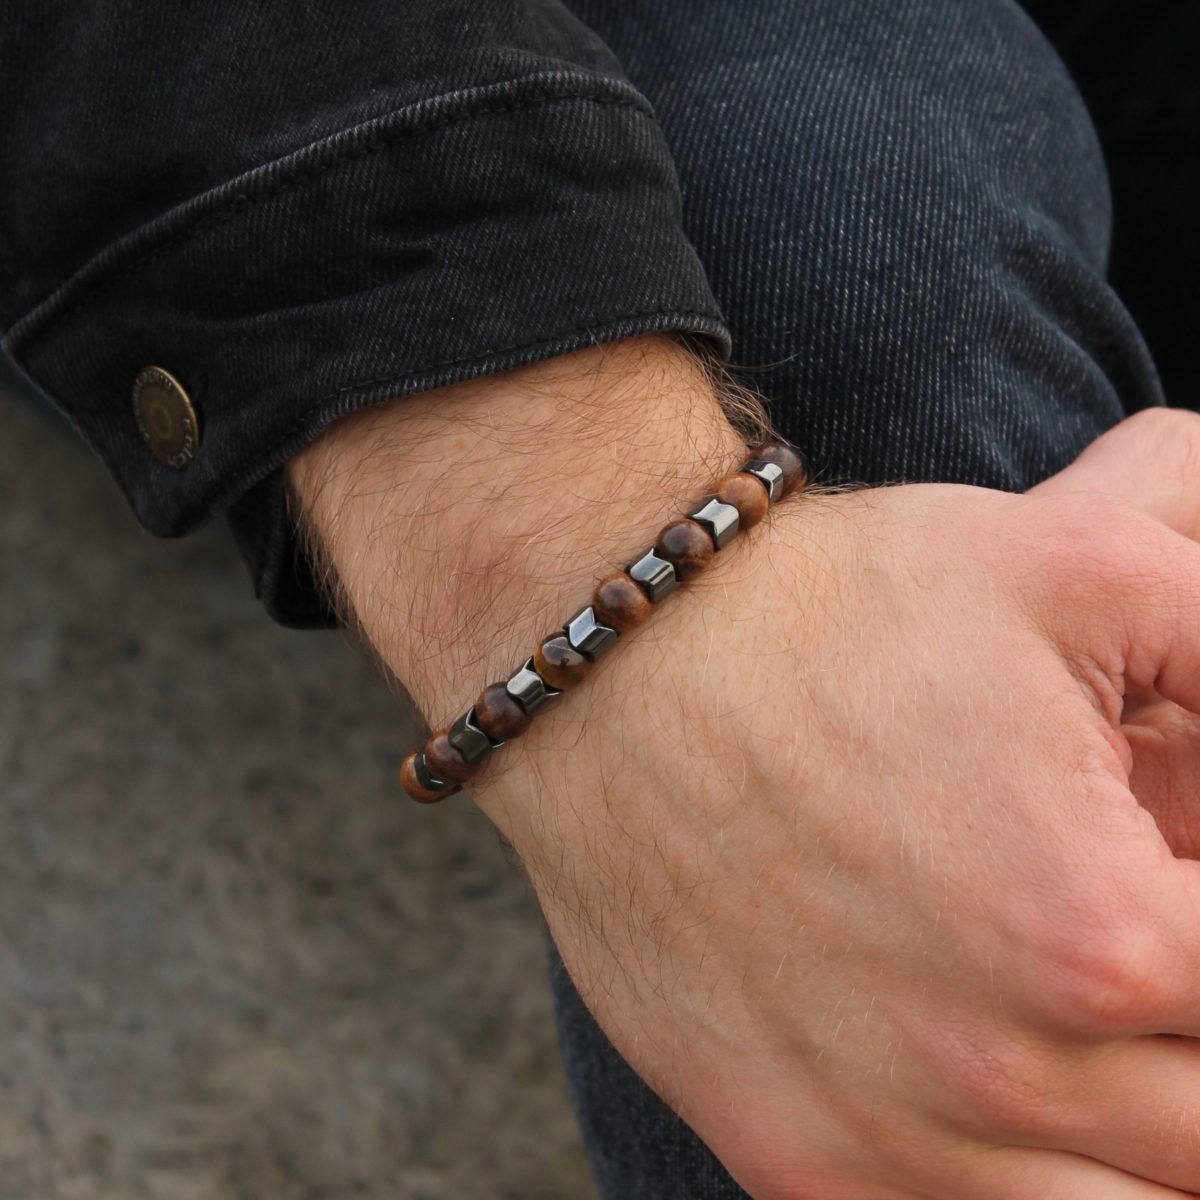 Браслет из бусин на мужской руке